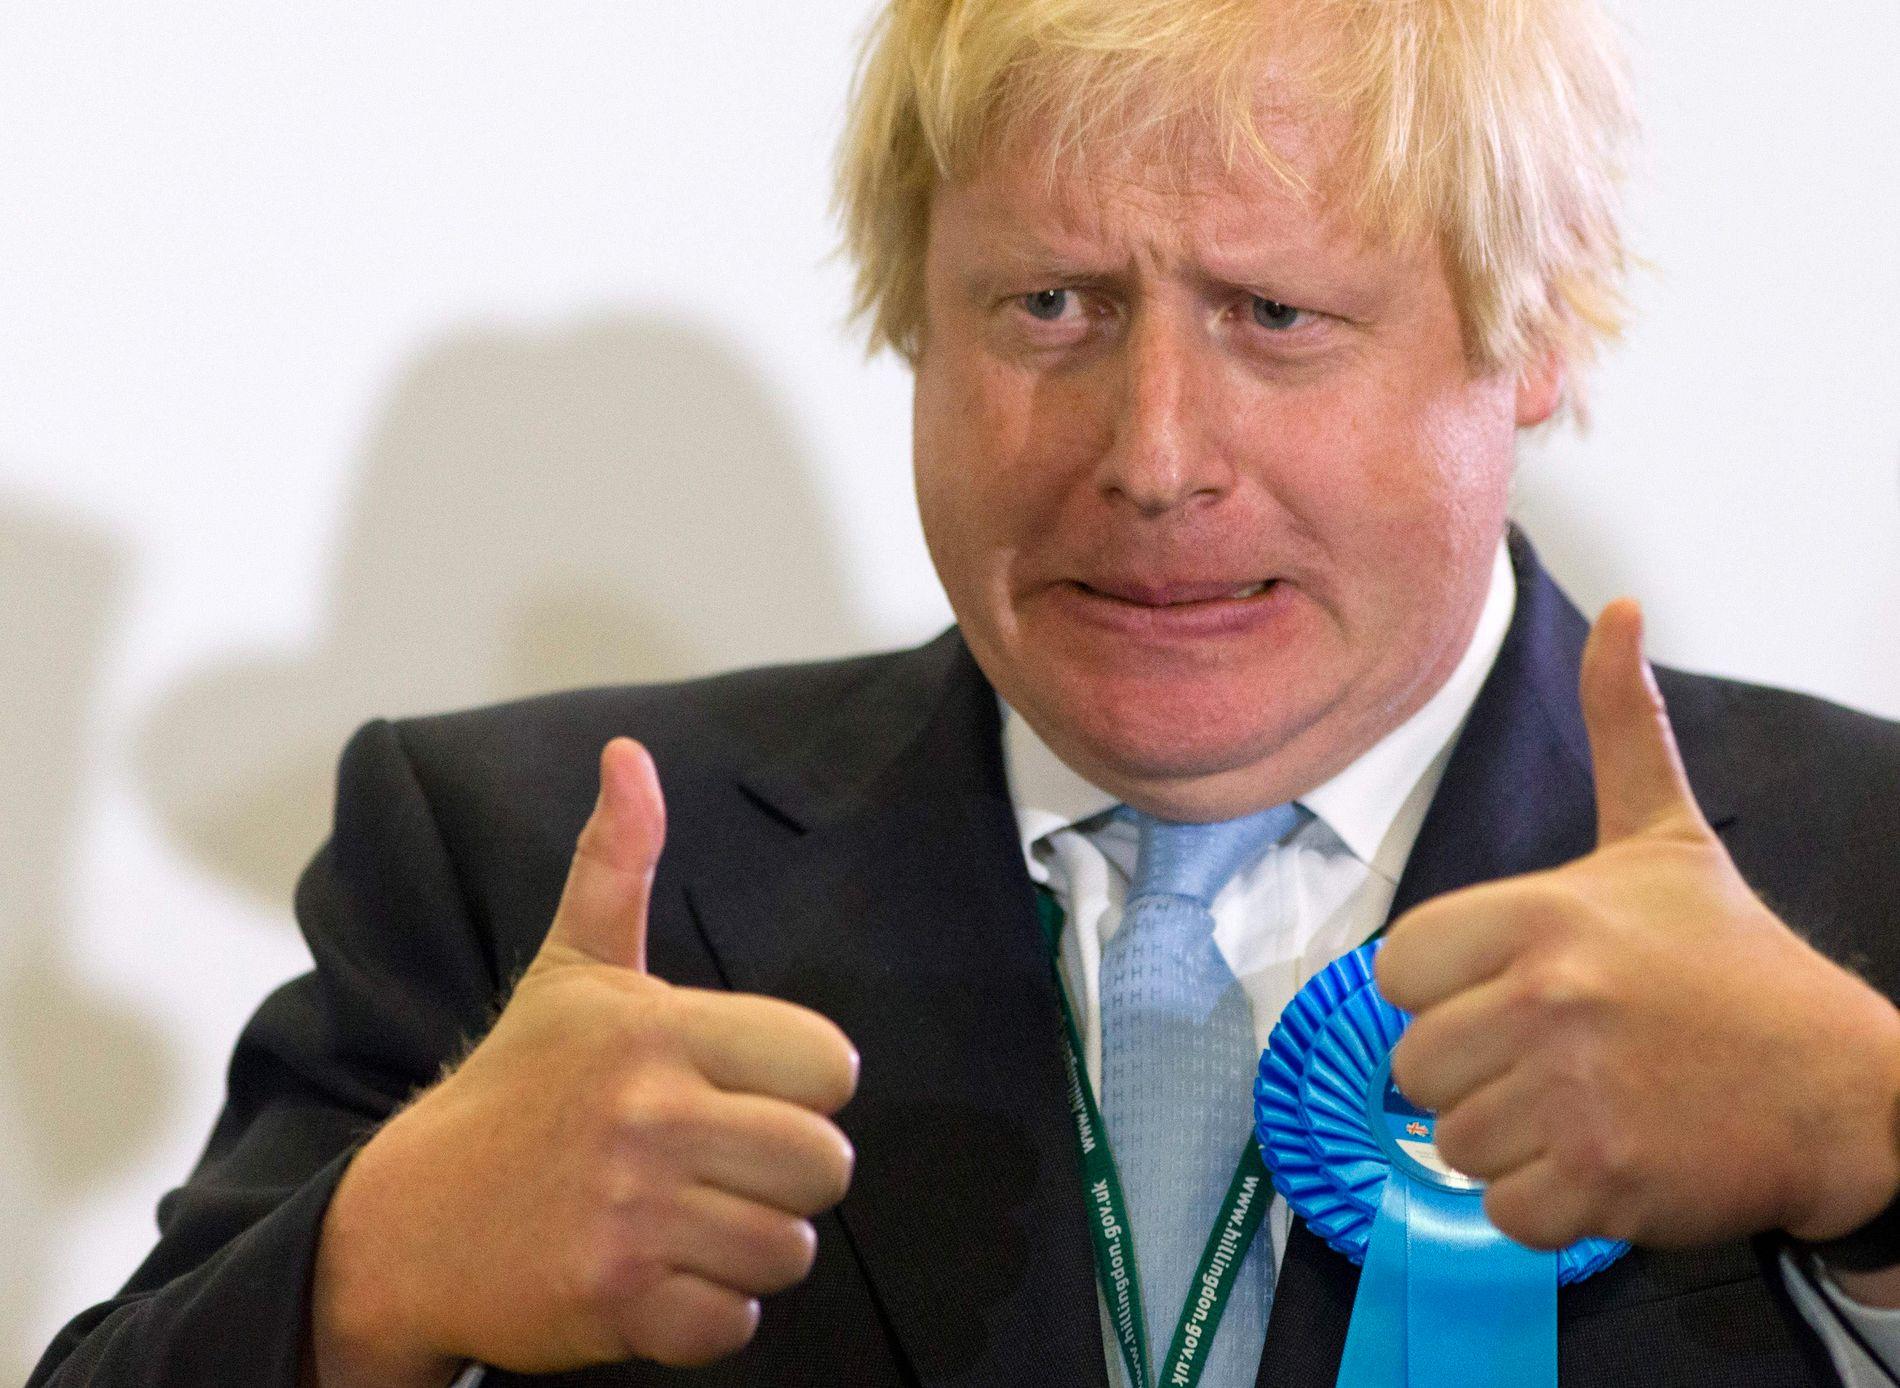 OMSTRIDT: Tidligere utenriksminister Boris Johnson leder kappløpet om å bli leder for det konservative partiet. Vinner han kampen overtar han statsministerstolen etter Theresa May.